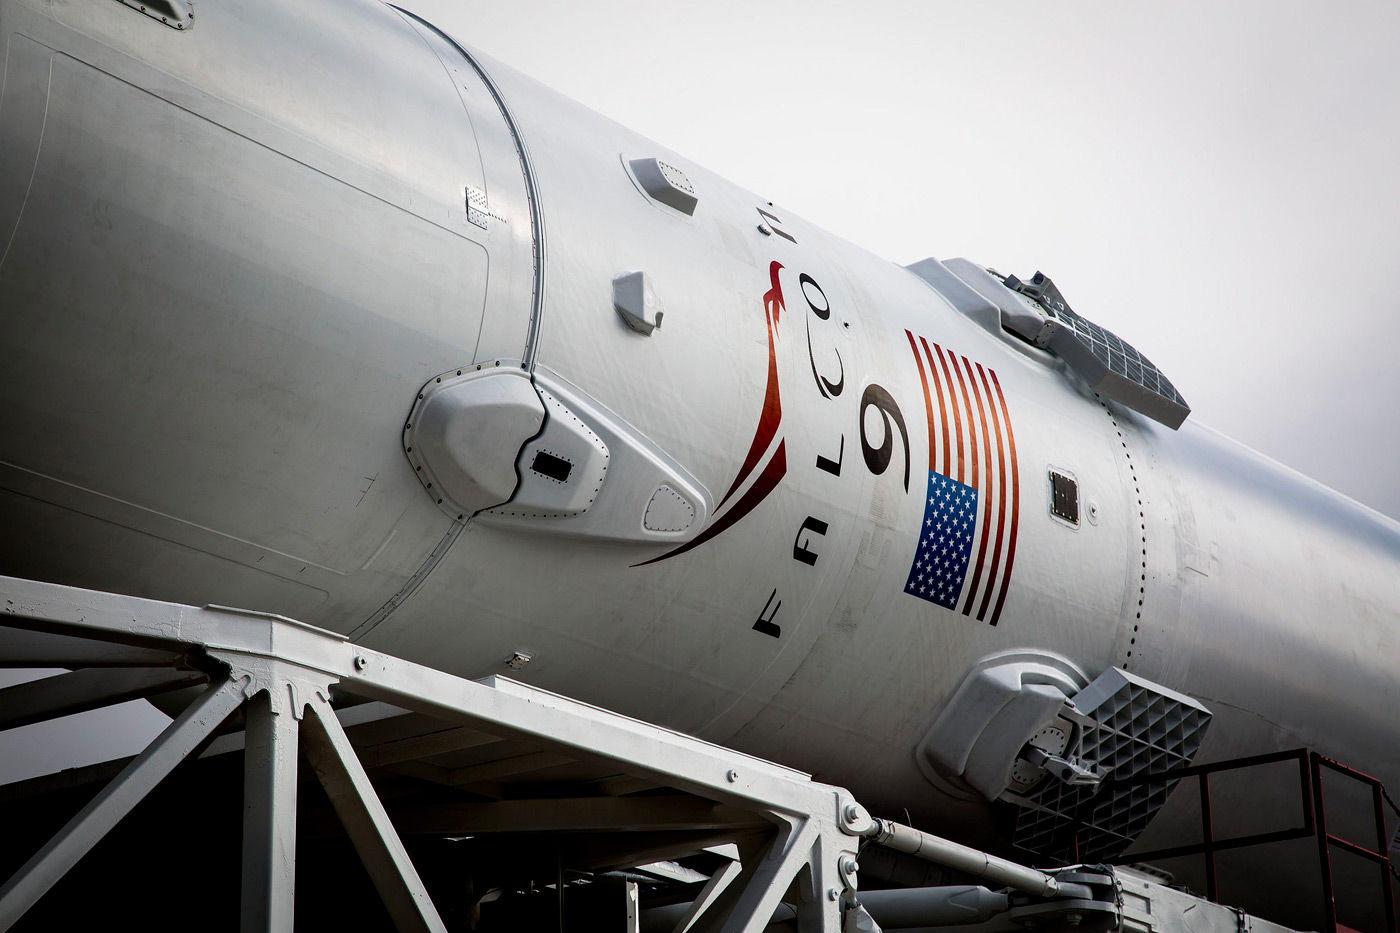 РКК «Энергия» сообщила оготовности новоиспеченной ракеты соперничать сFalcon